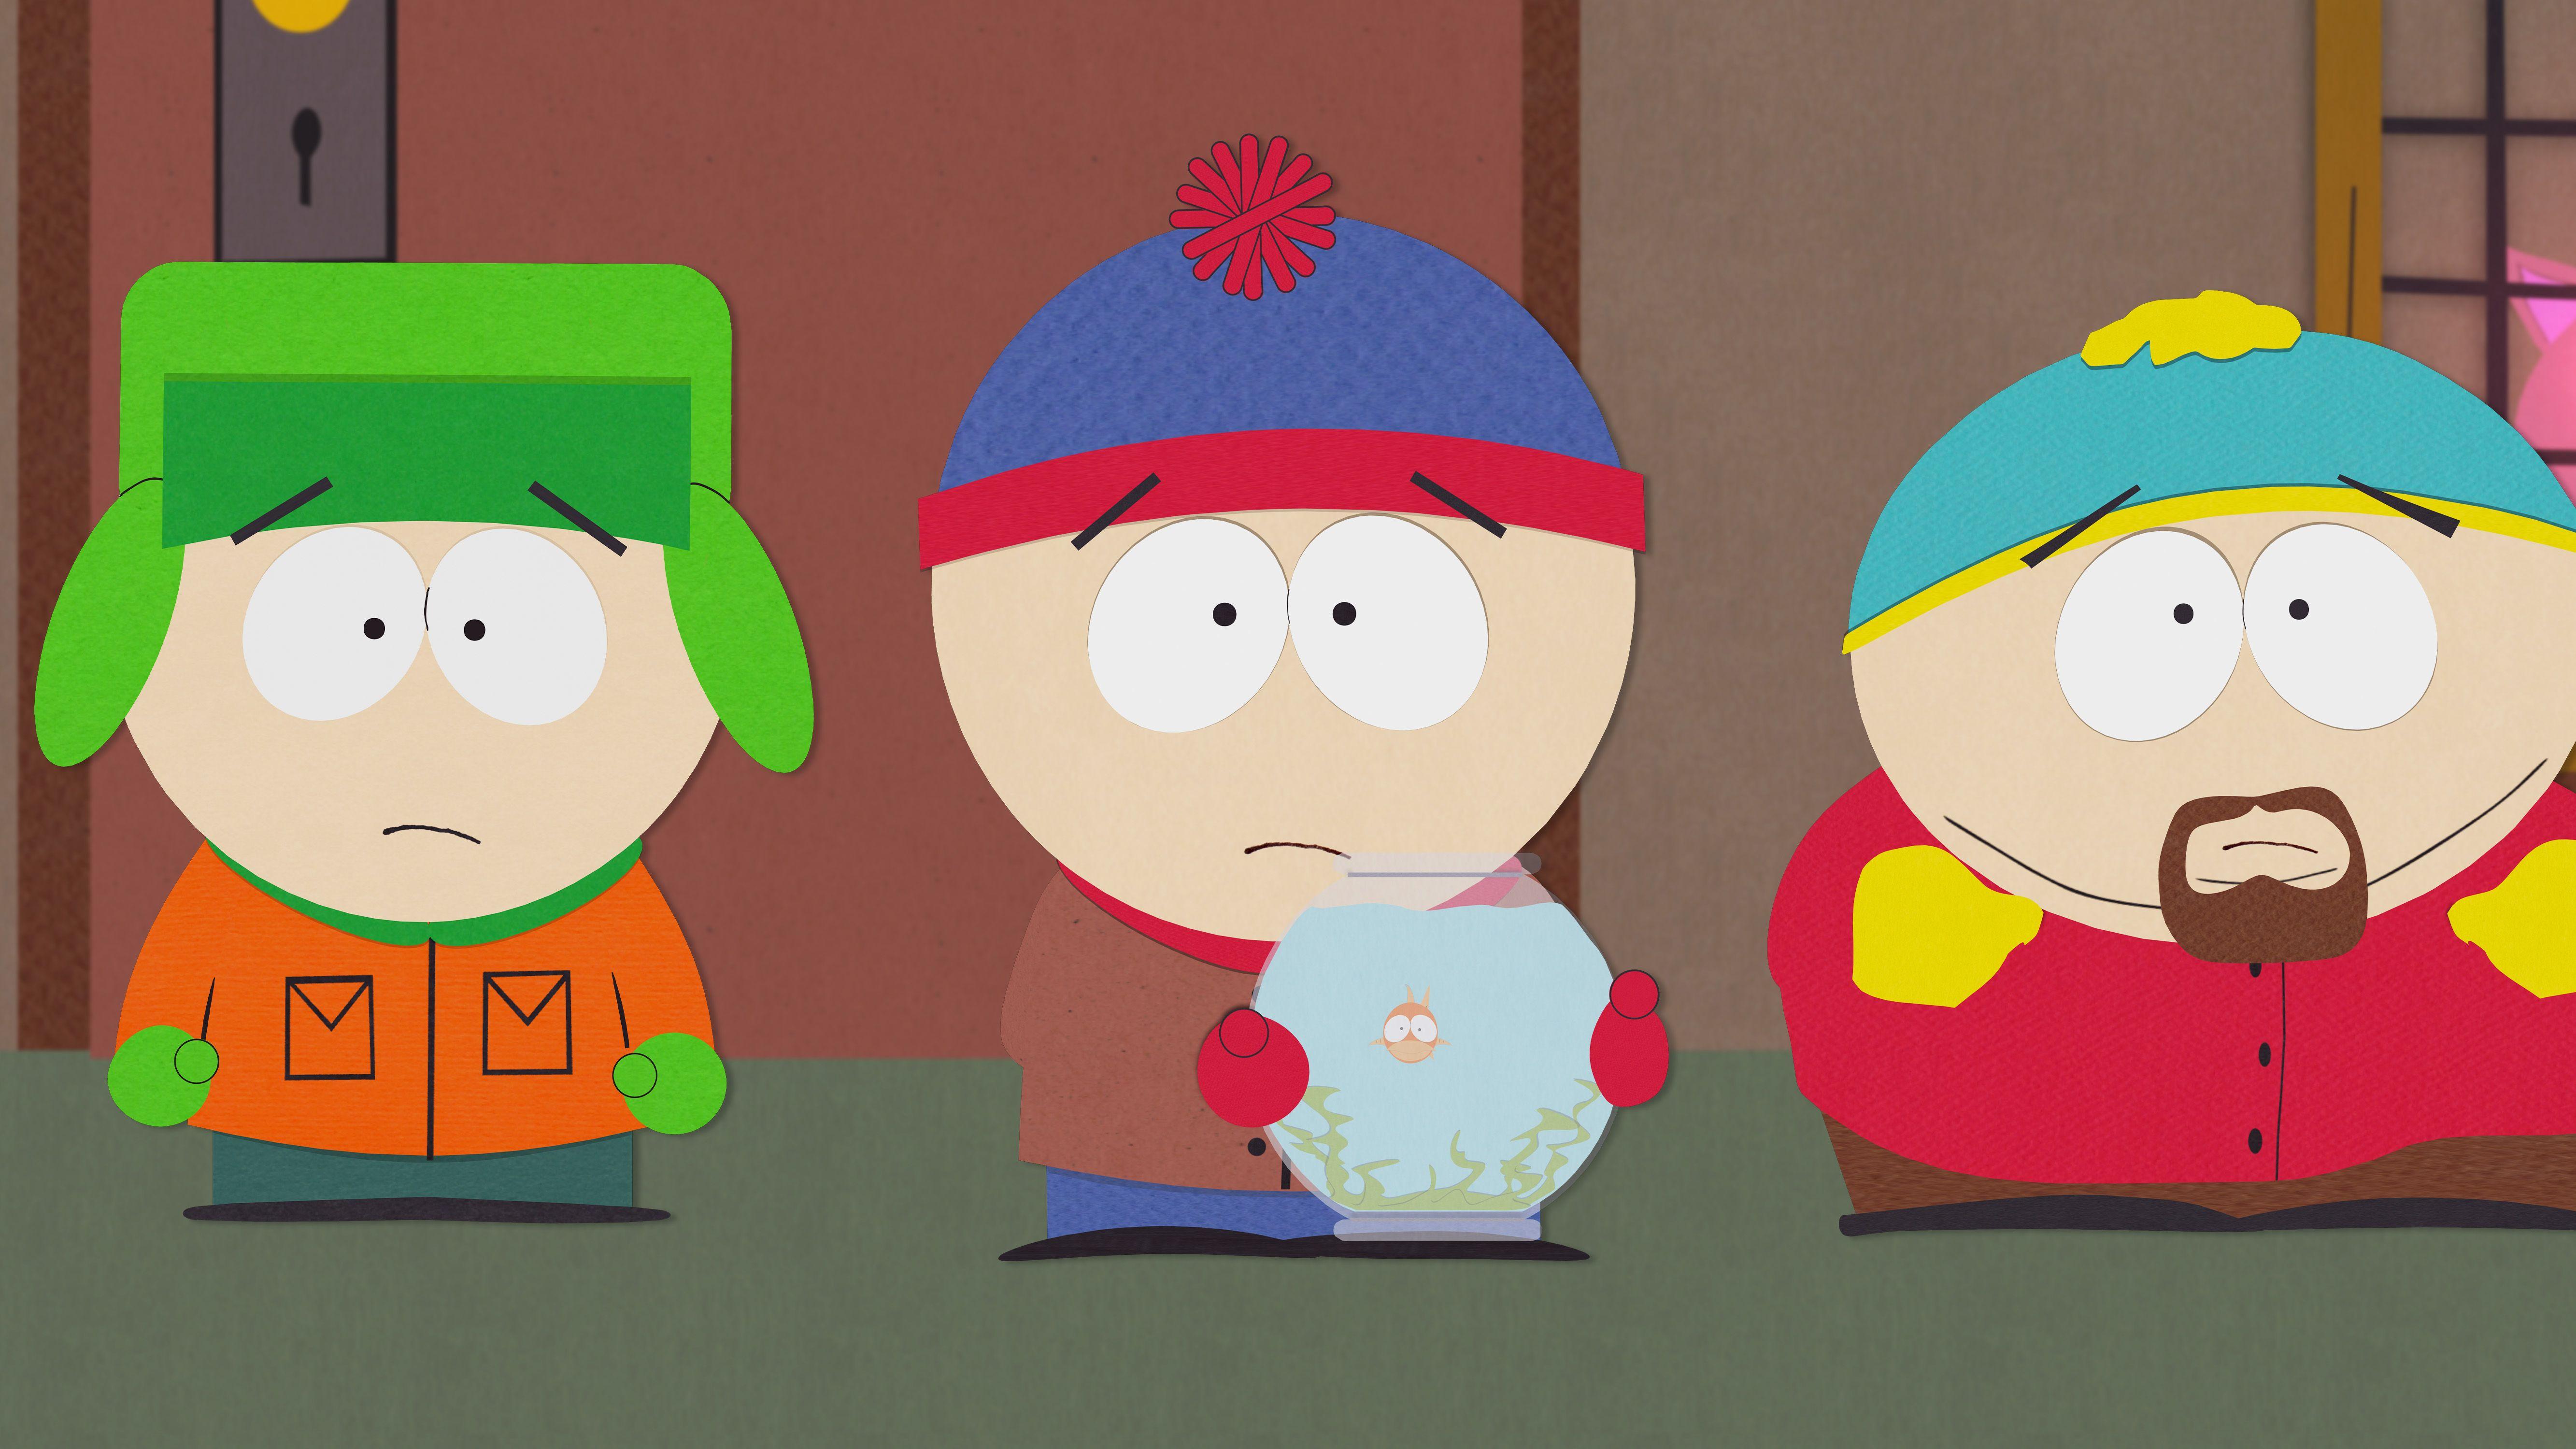 Spookyfish Full Episode Season 02 Ep 15 South Park Studios